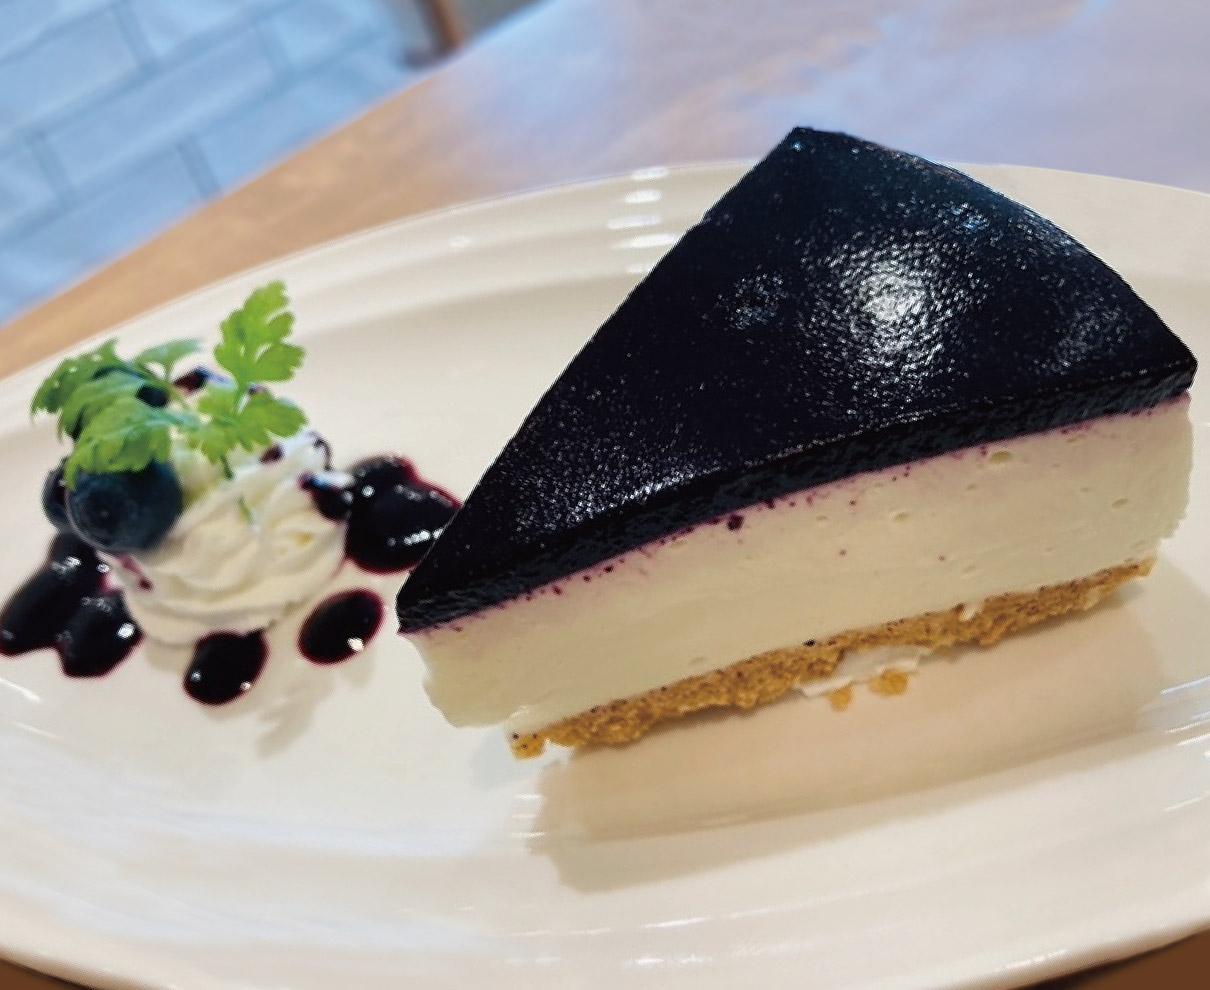 新登場! 湯田ヨーグルトのレアチーズケーキ|Veg.terrace(ベジテラス)